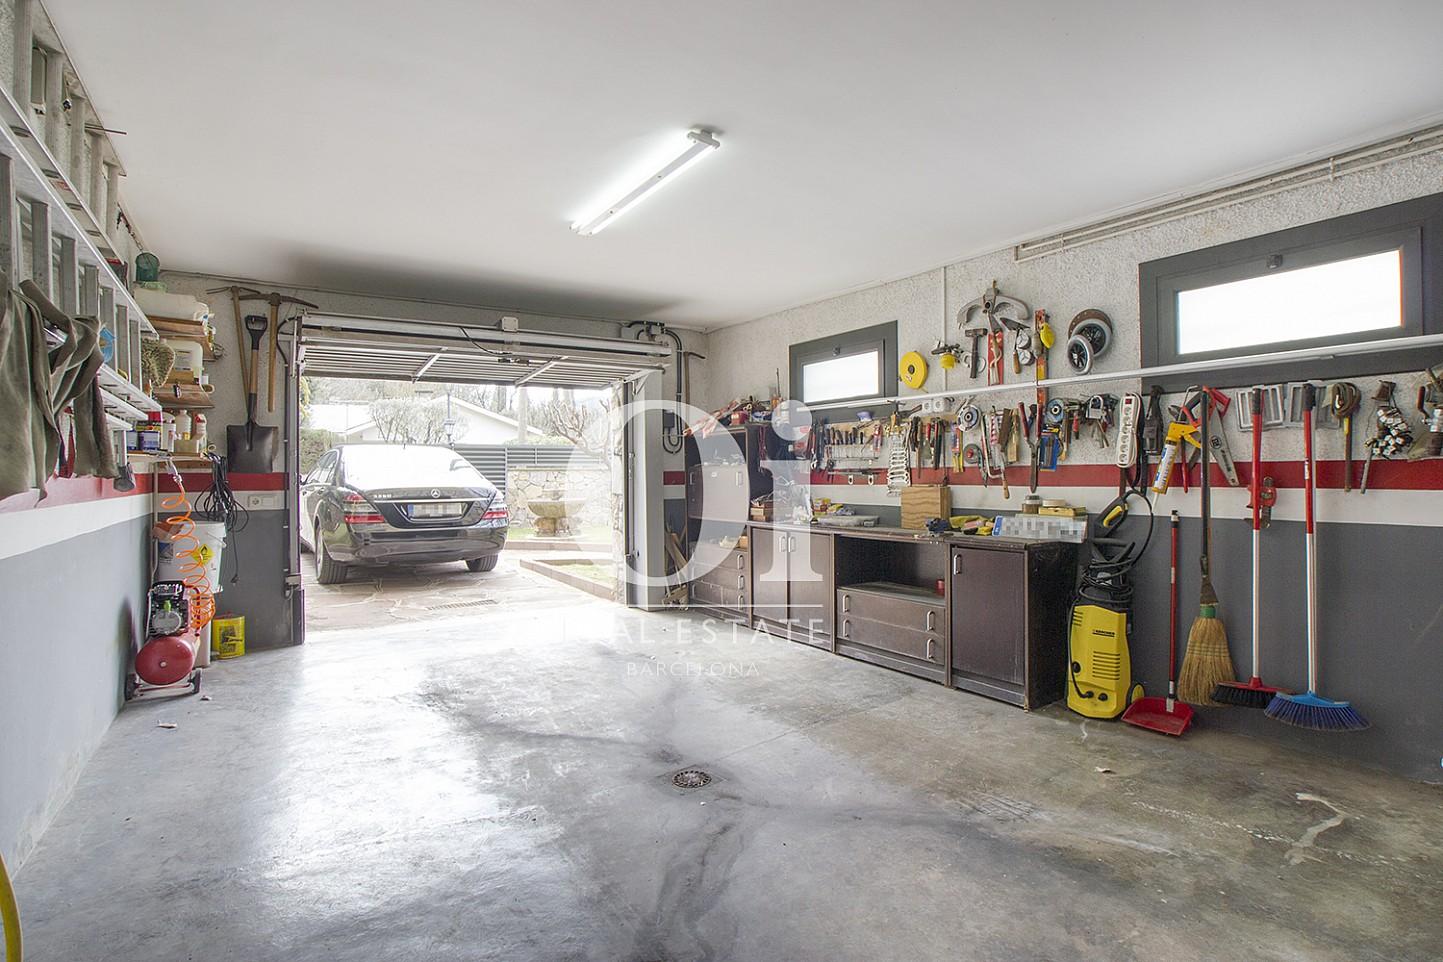 Garage de maison à vendre à Tagament, Barcelone